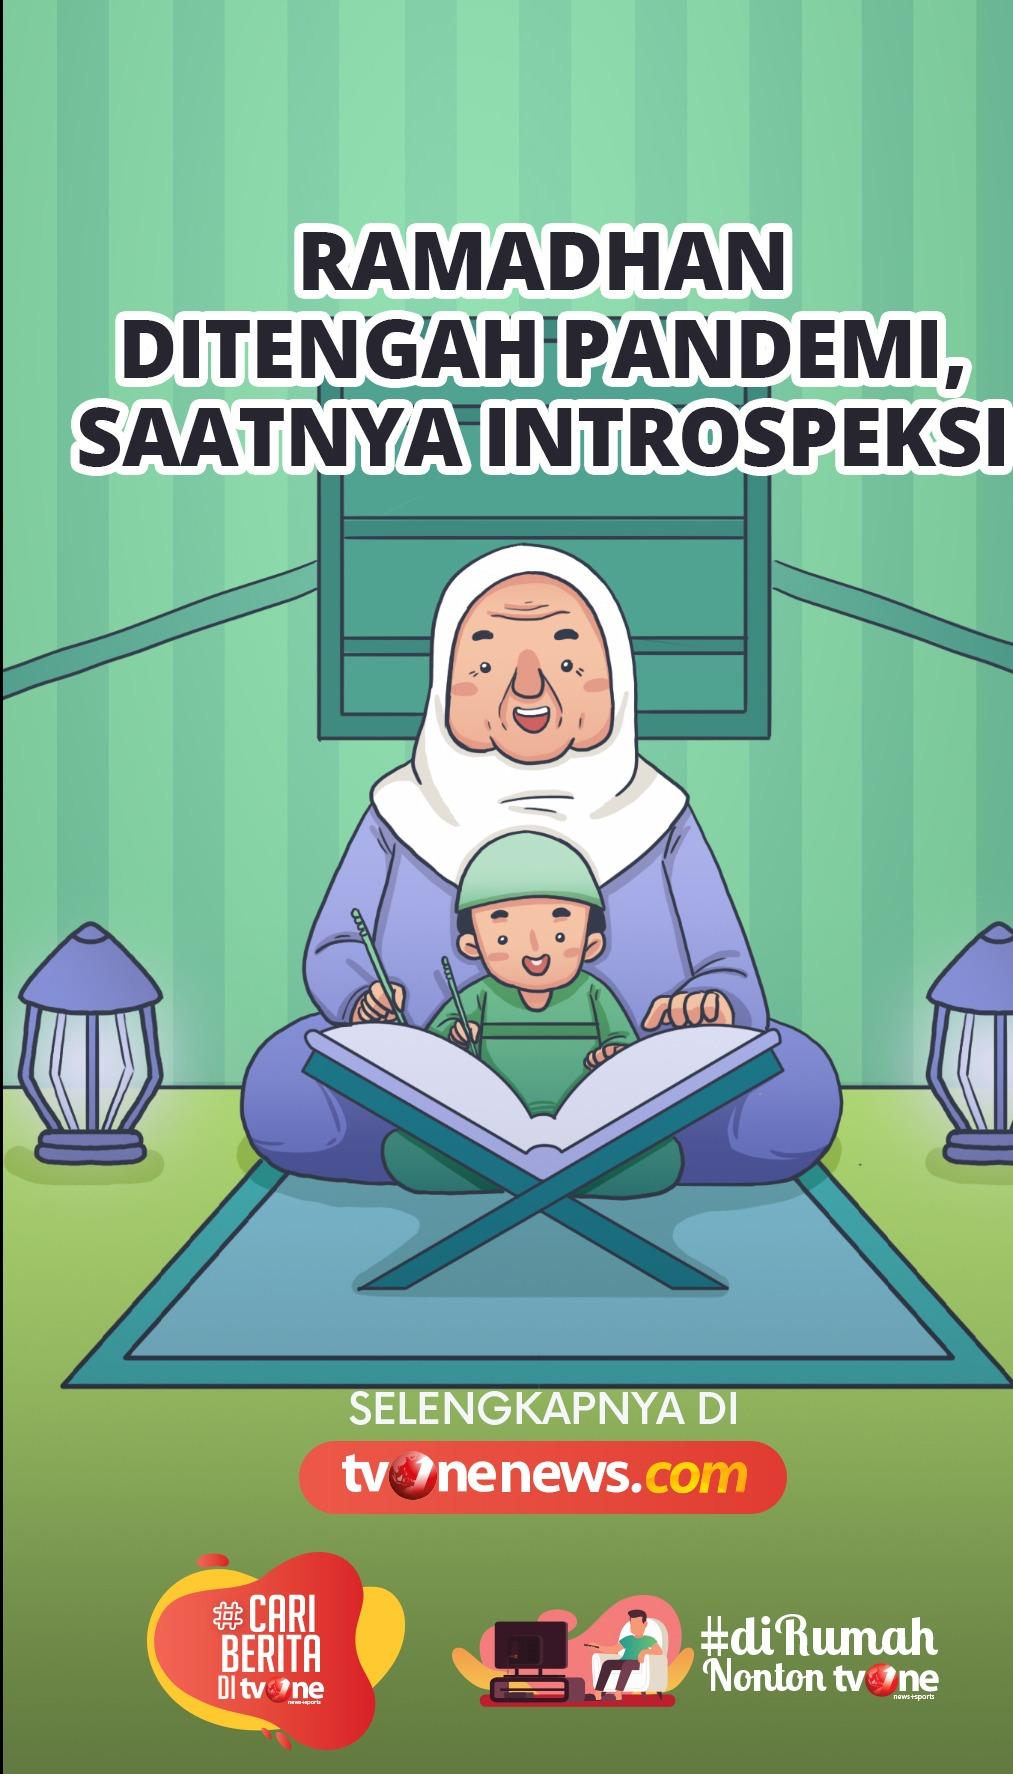 Ramadhan di Tengah Pandemi, Saatnya Introspeksi